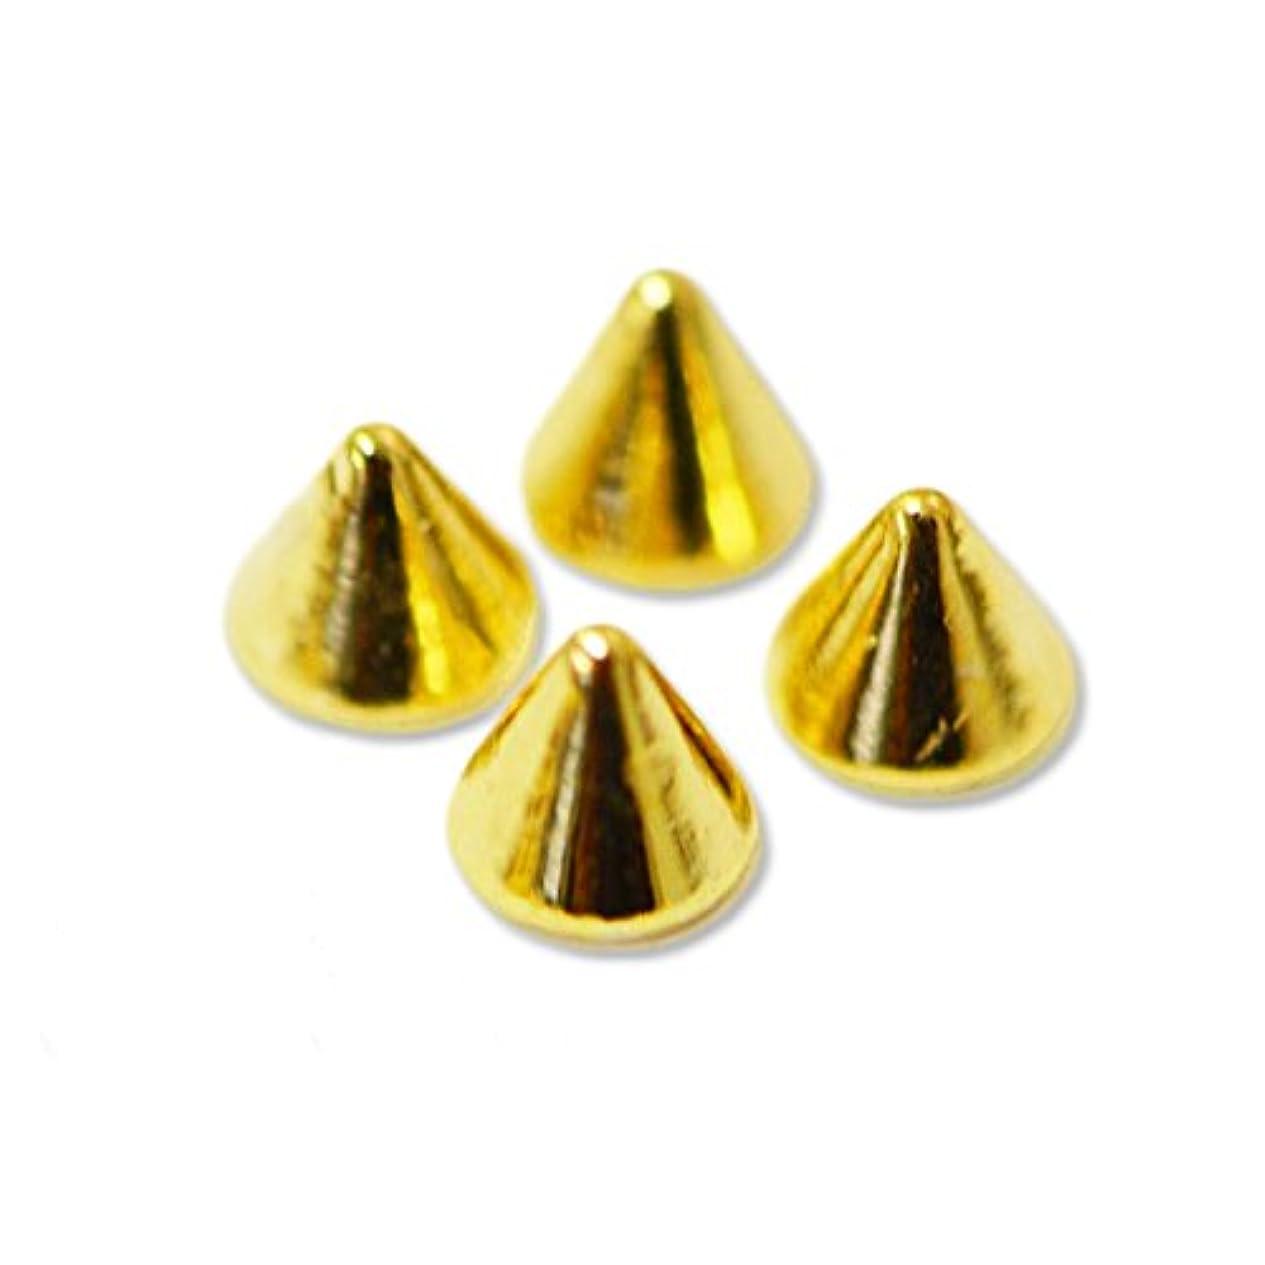 すずめつかいます恩赦ジュエリーメタルパーツ ロックスタッズ 円錐形(コーン)の鋲 : 4個入り ゴールド 直径3mm×高さ2mm